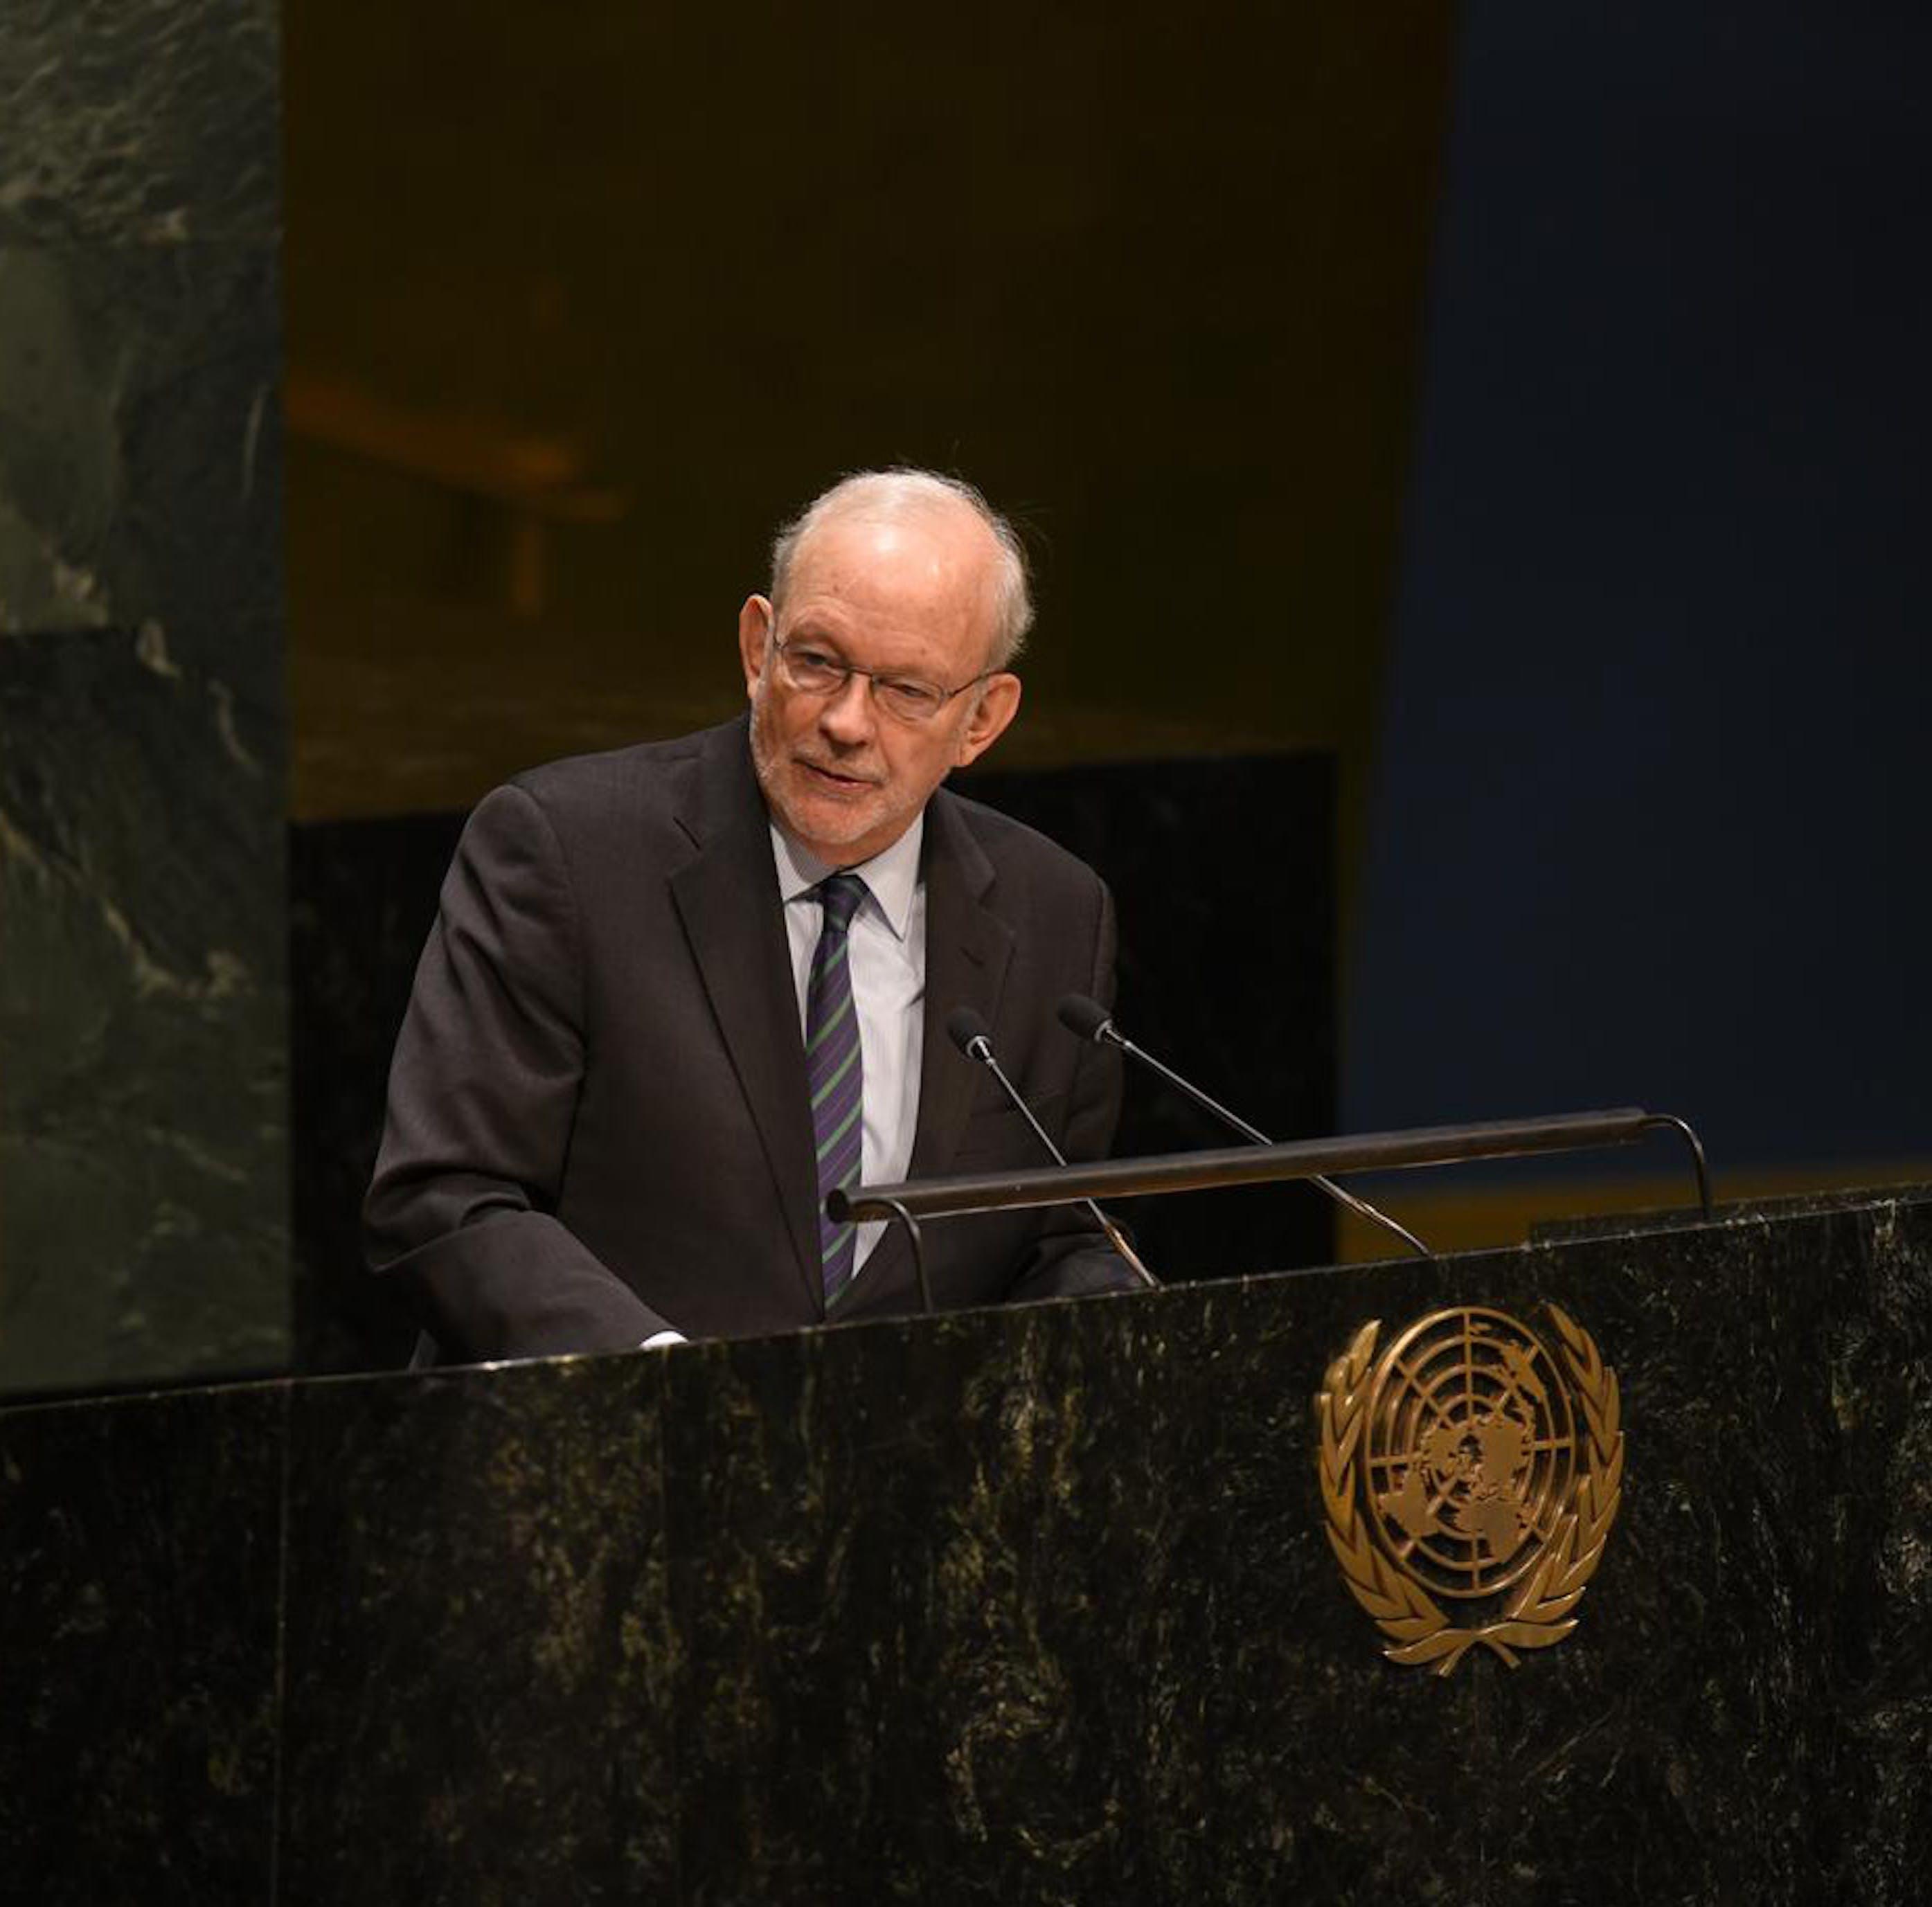 Il Direttore dell'UNICEF Anthony Lake nel corso di un suo recente intervento all'Assemblea Generale dell'ONU - ©UNICEF/NYHQ2014-3086/Berkwitz